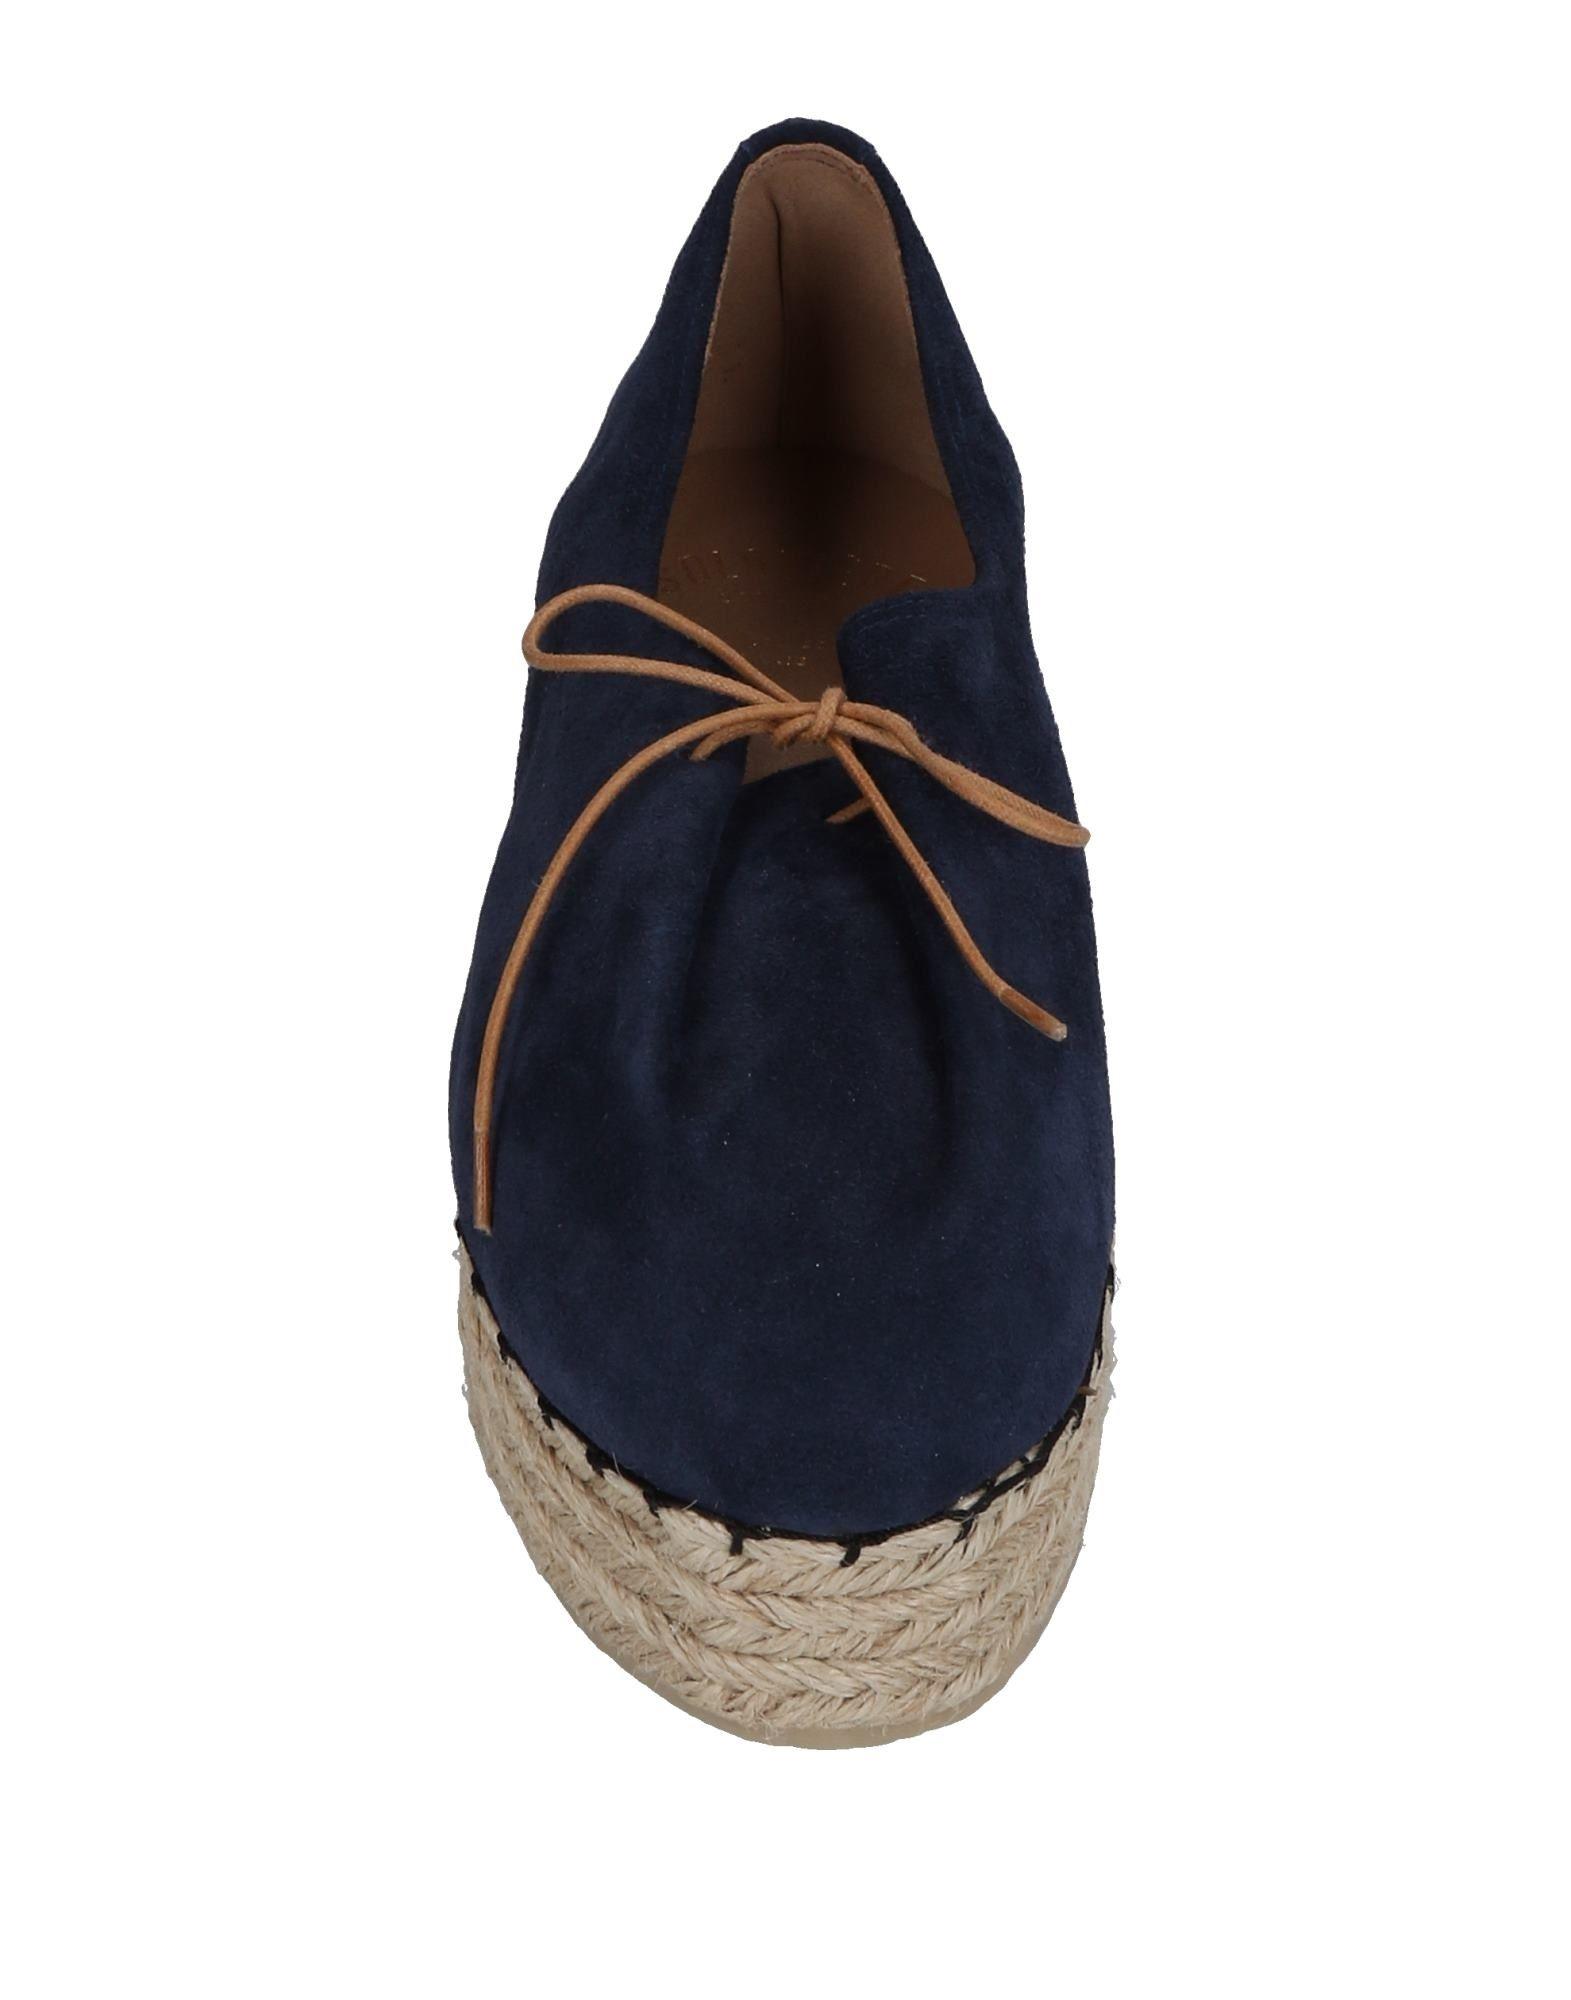 Jeu Ebay CHAUSSURES - Chaussures à lacetsSolovière Acheter Pas Cher Extrêmement Meilleure Vente Jeu NQPmf2Nc